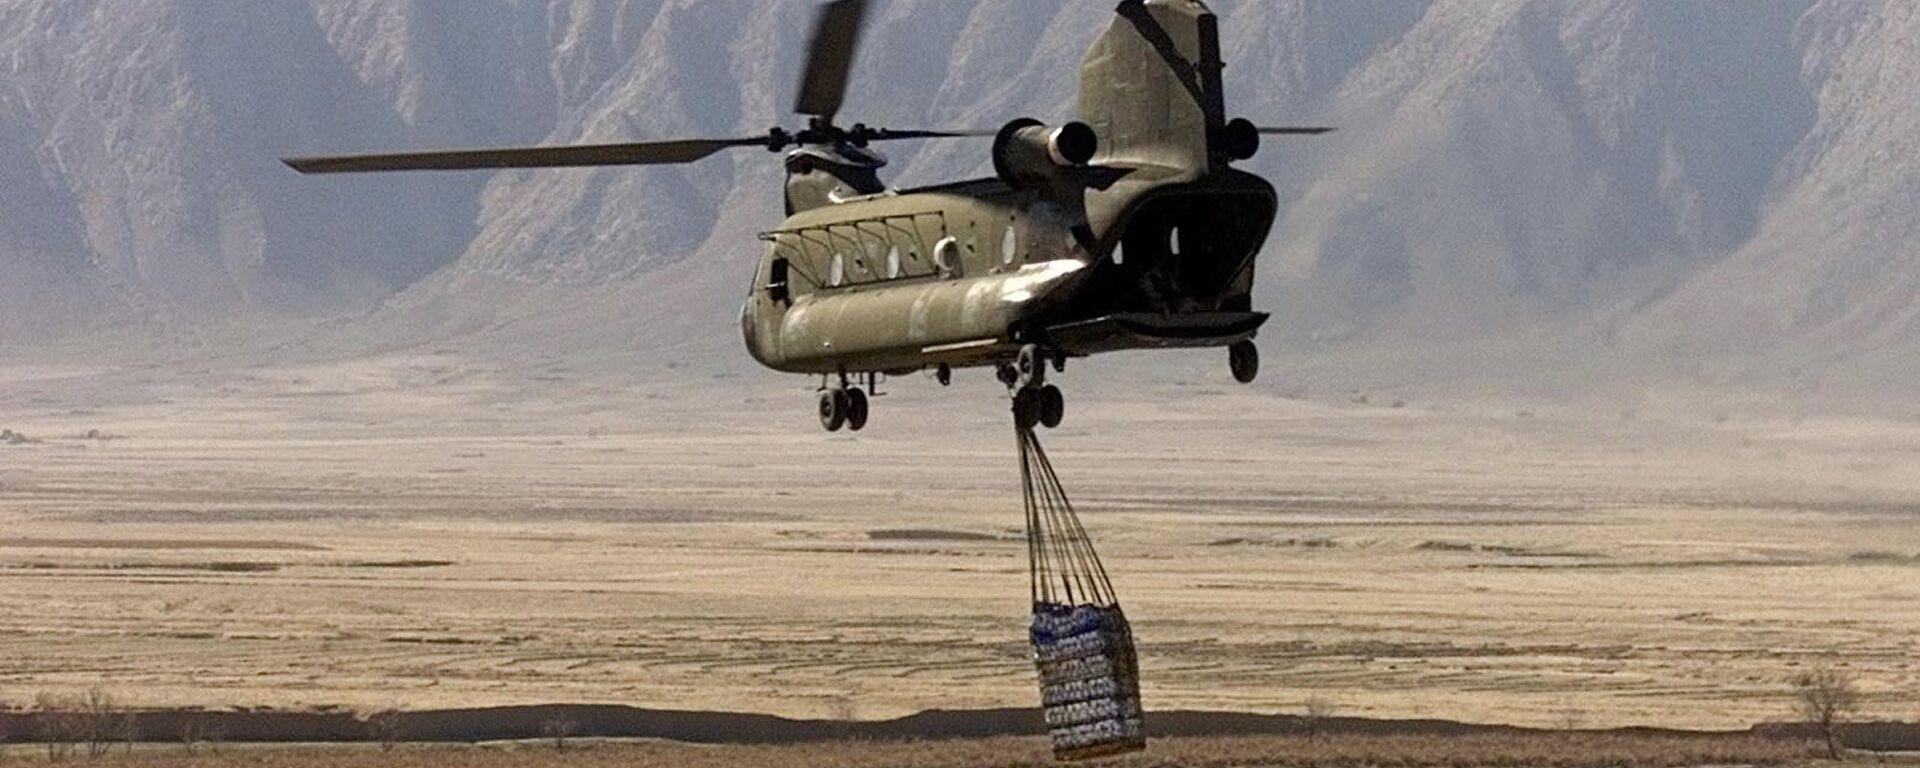 Elicottero americano CH-47 Chinook in Afghanistan (foto d'archivio) - Sputnik Italia, 1920, 13.06.2021